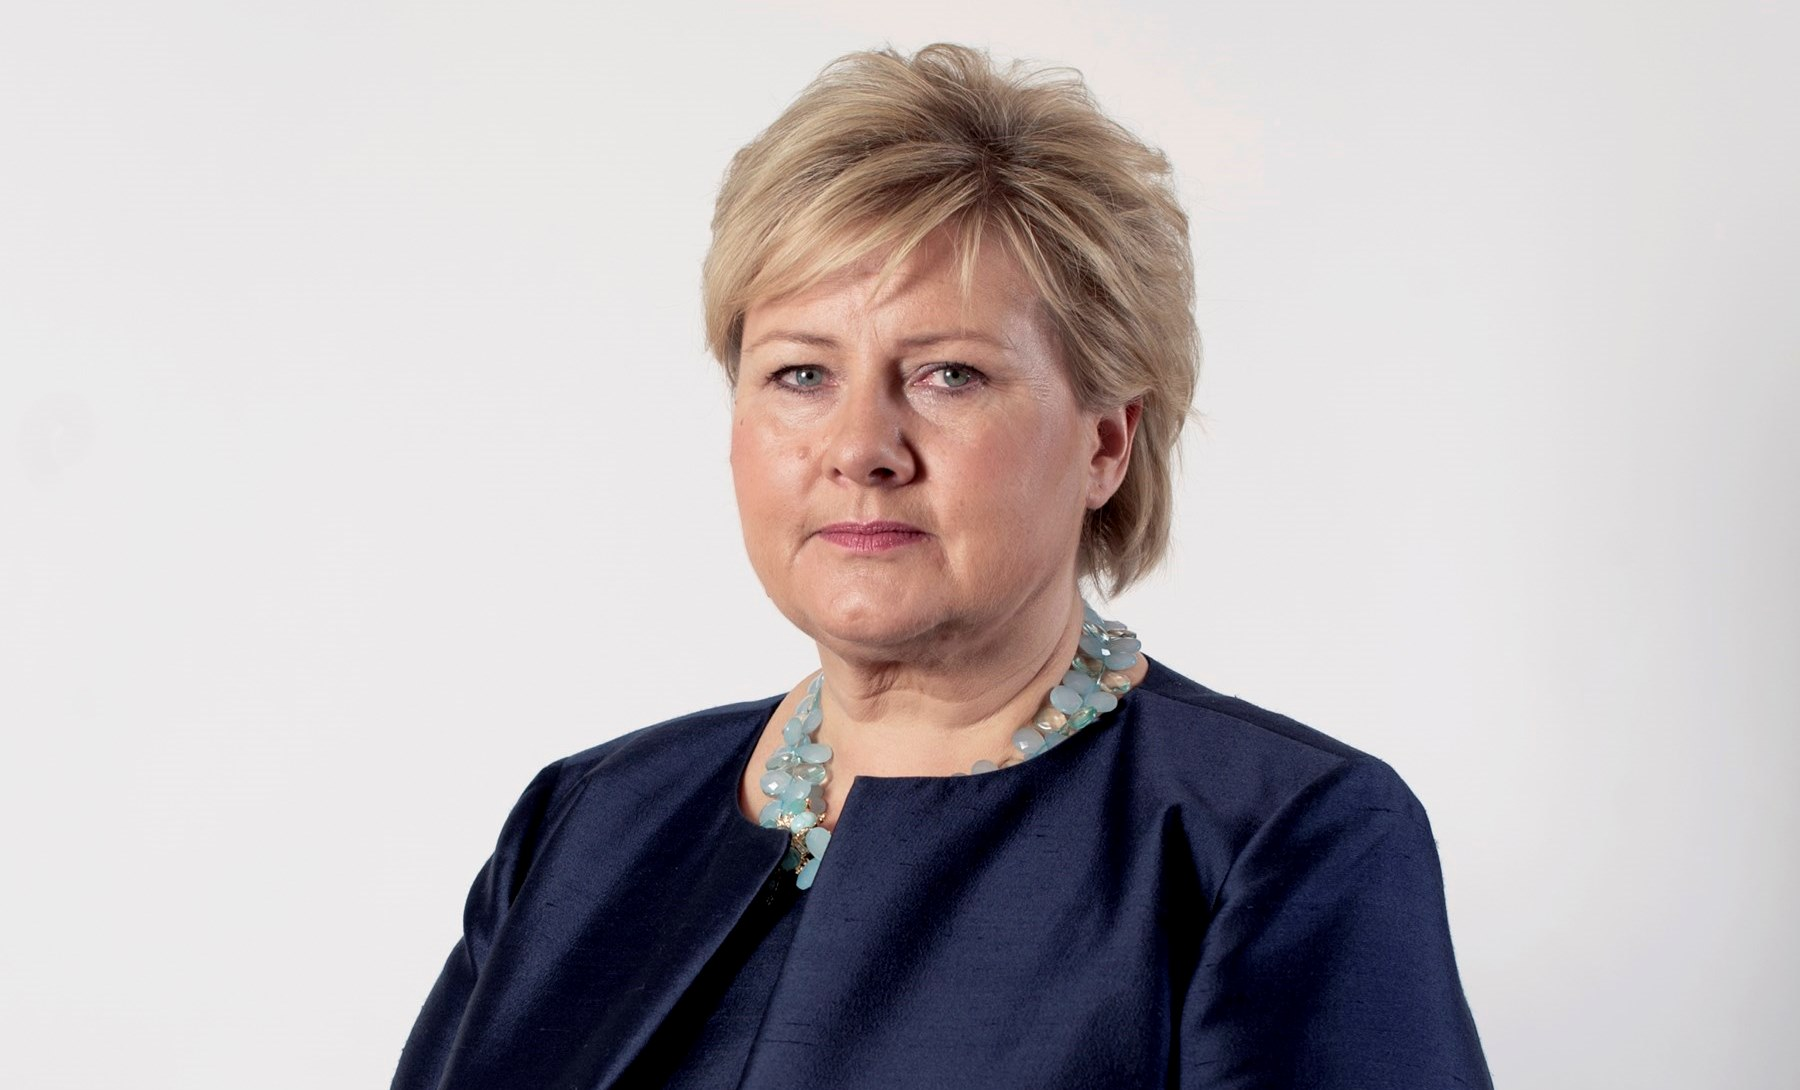 Norges statsminister Erna Solberg fra partiet Høyre. (Foto: Thomas Haugersveen/Statsministerens kontor)